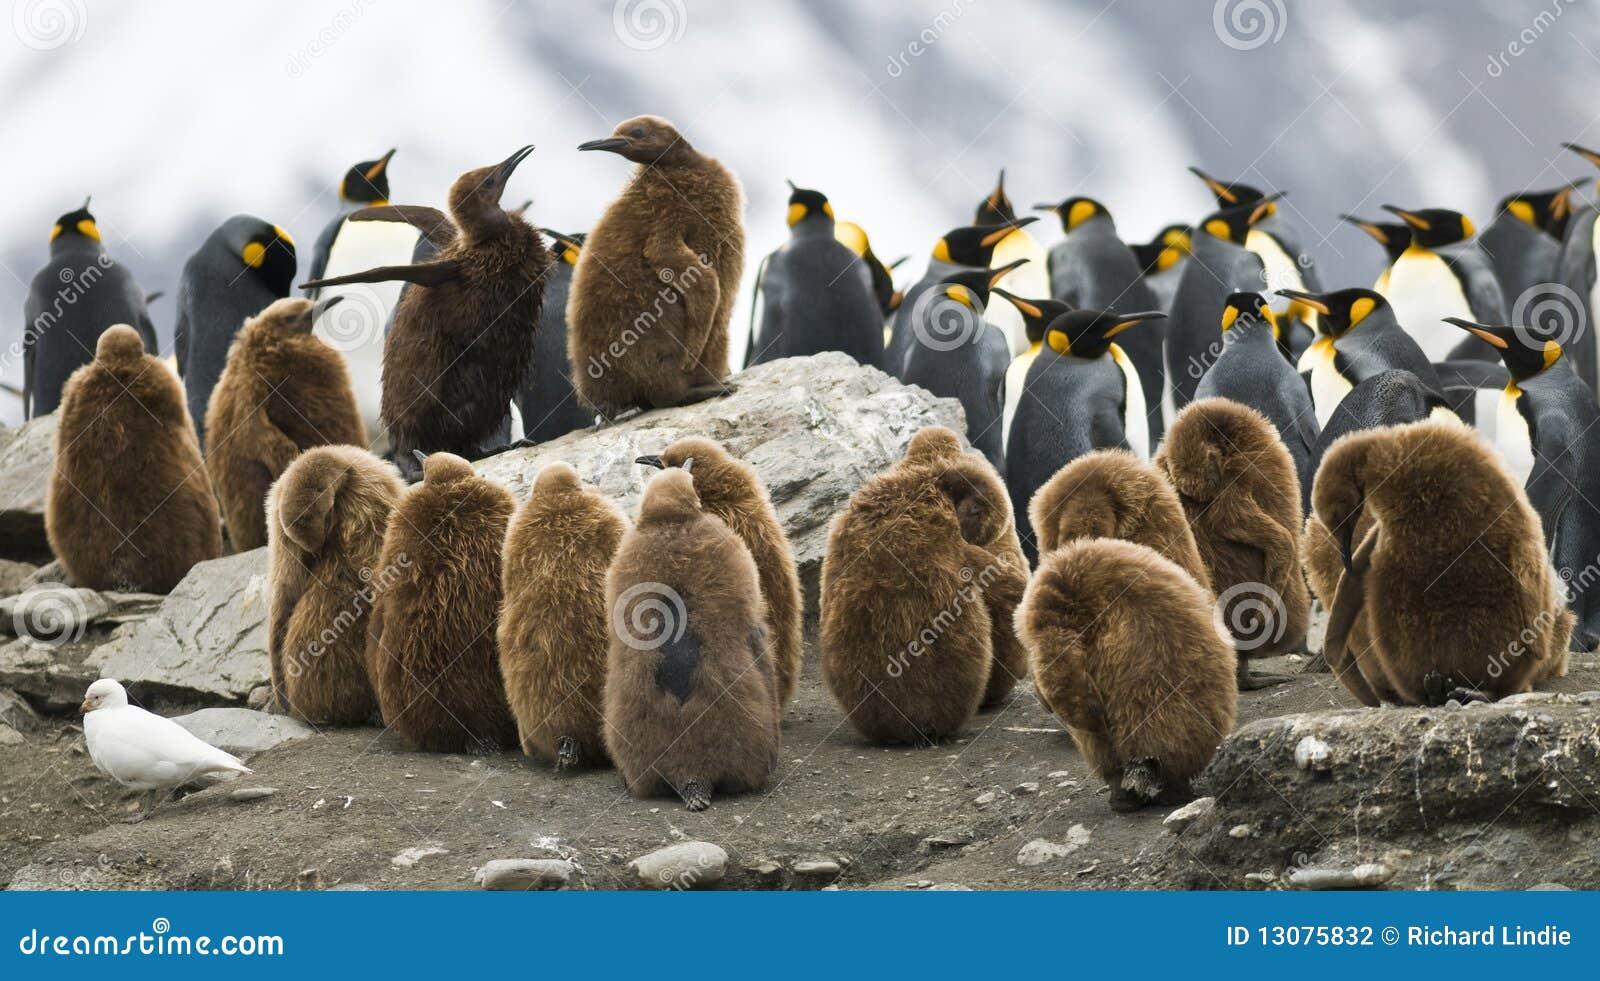 De pinguïn bekvecht